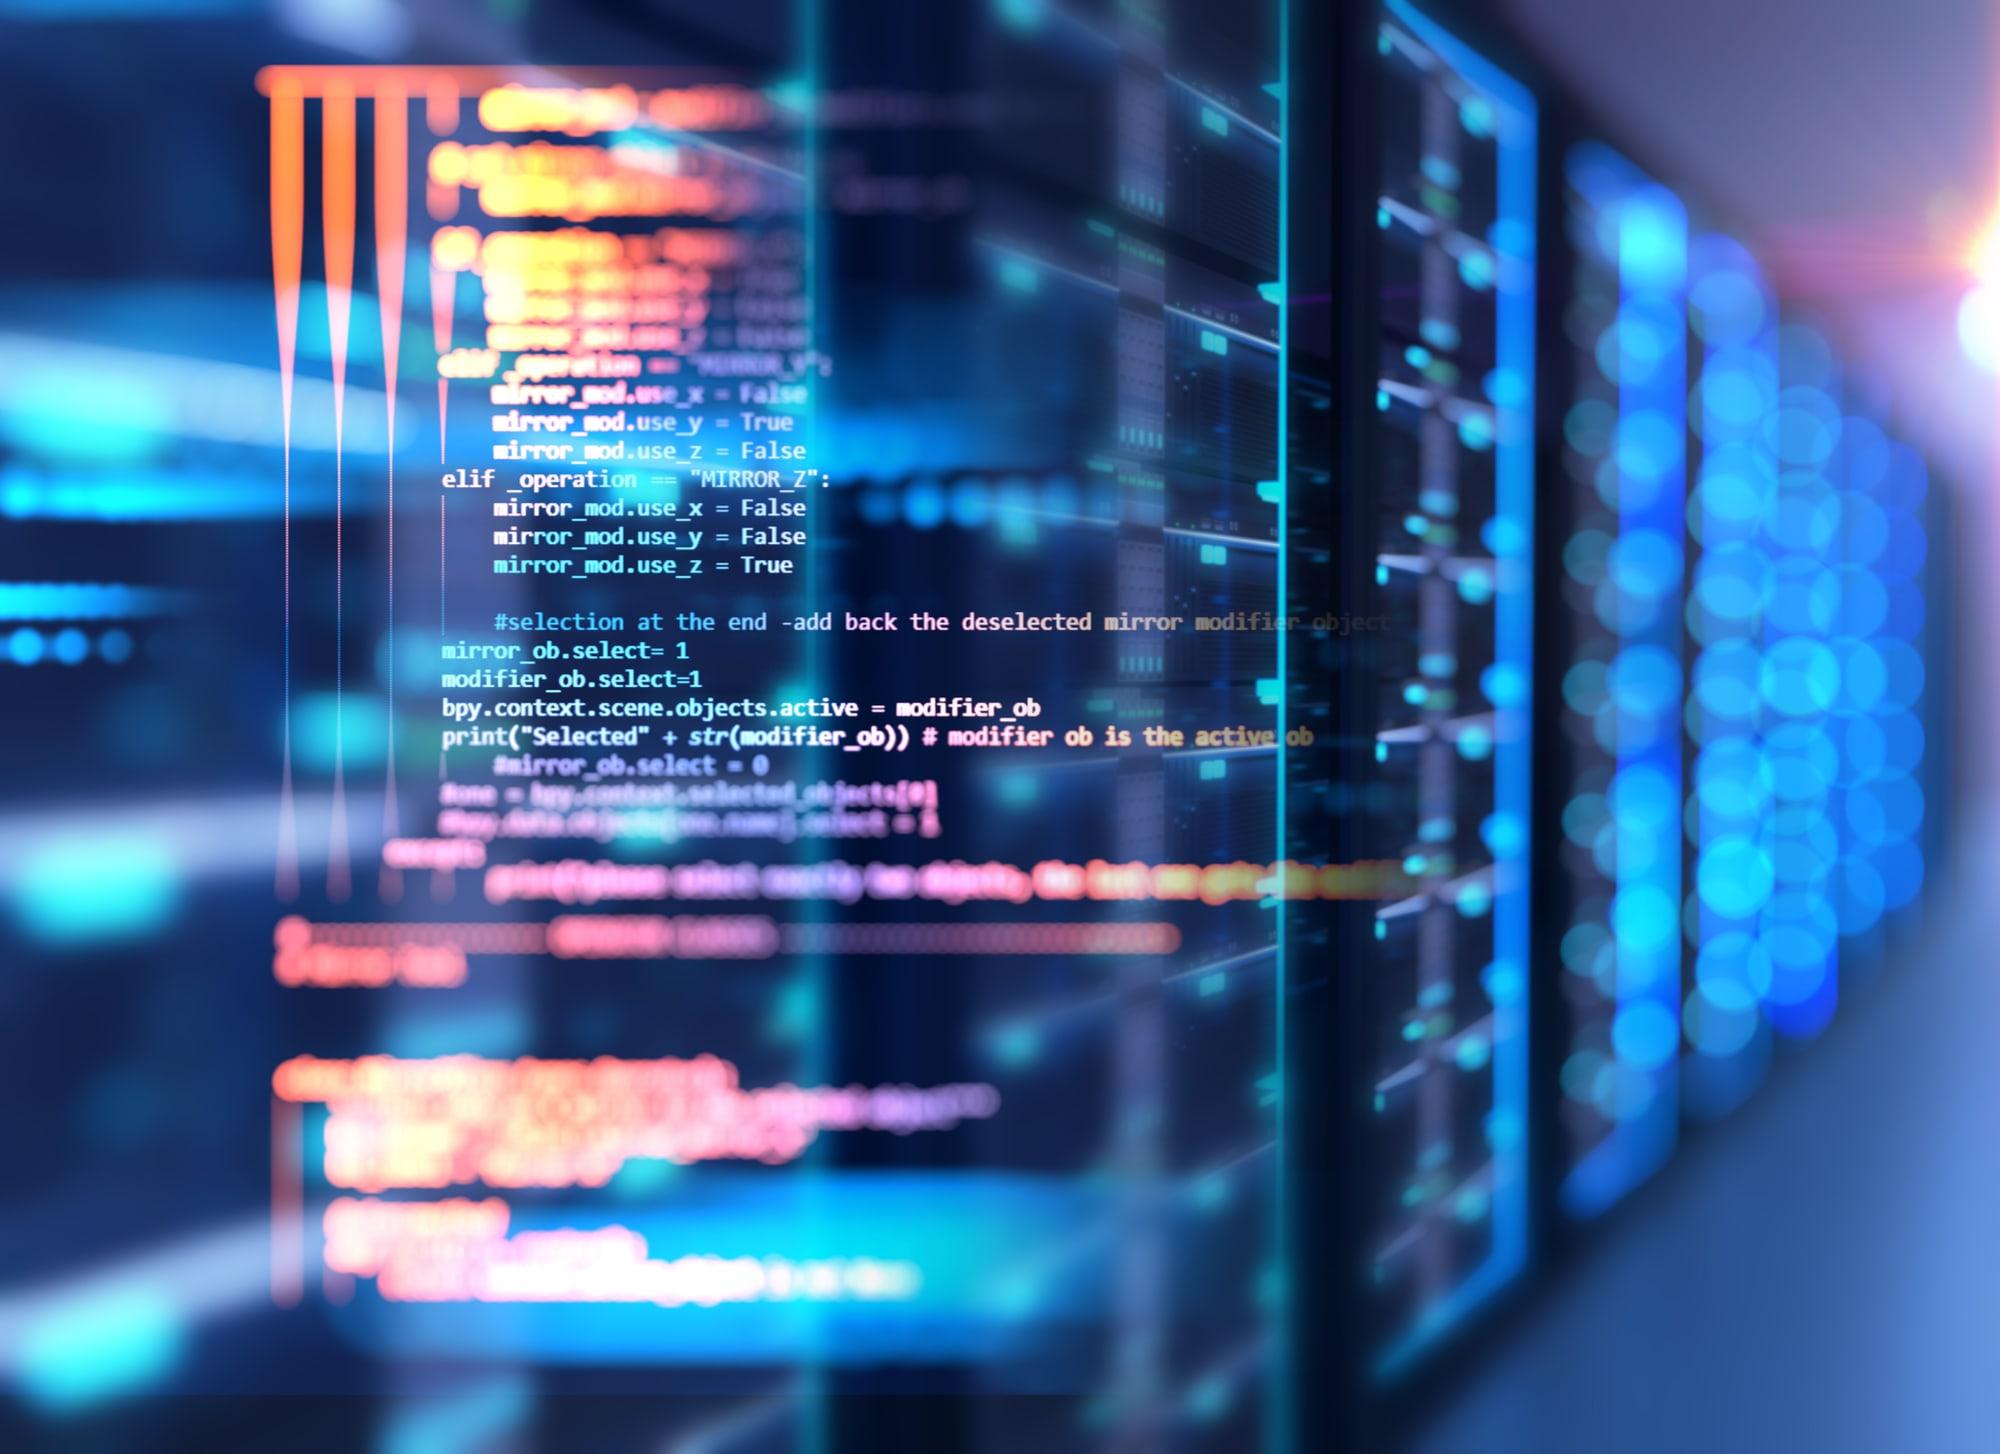 专业的密码丨大数据与会计:提前锁定就业单位,订单培养率高!